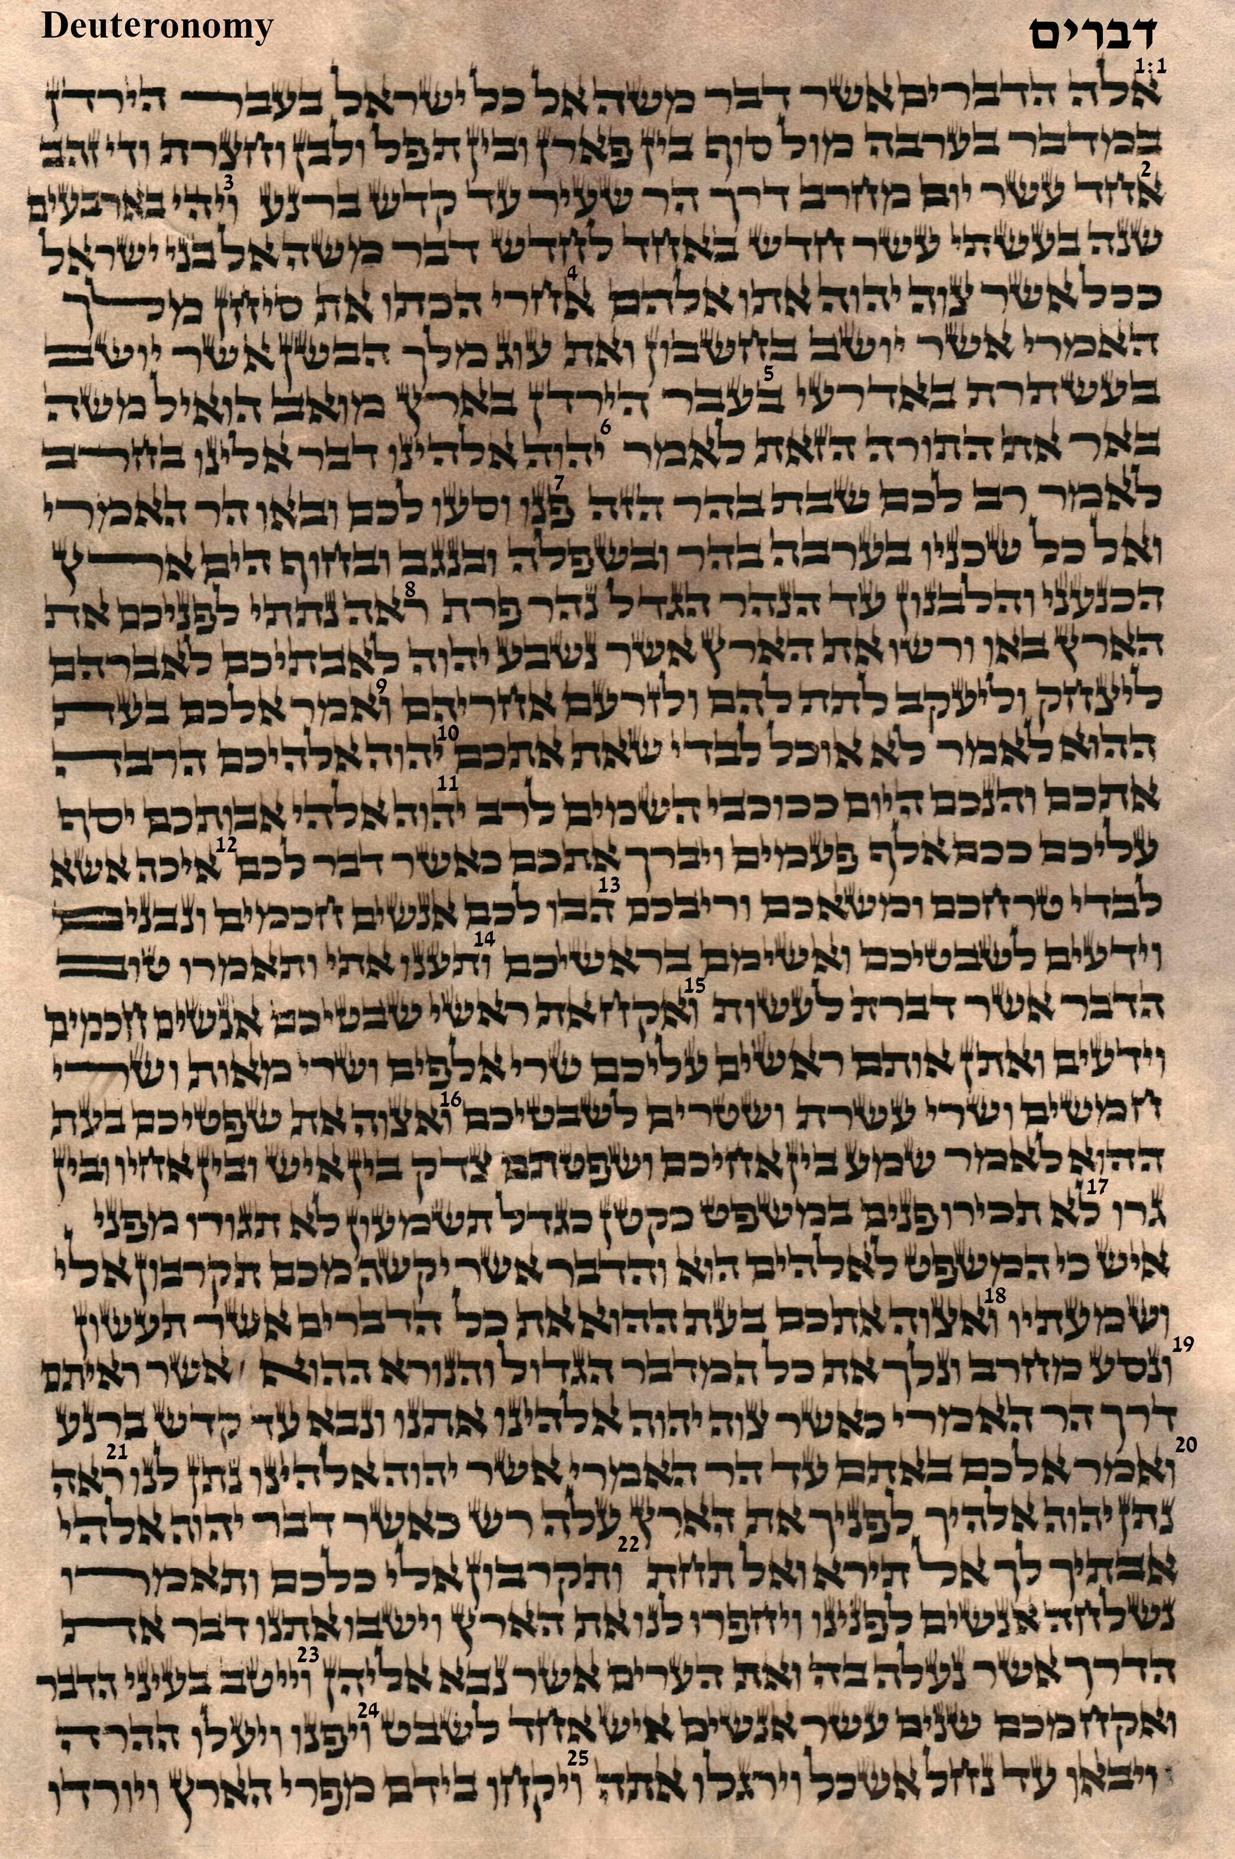 Deuteronomy 1.1 - 1.25